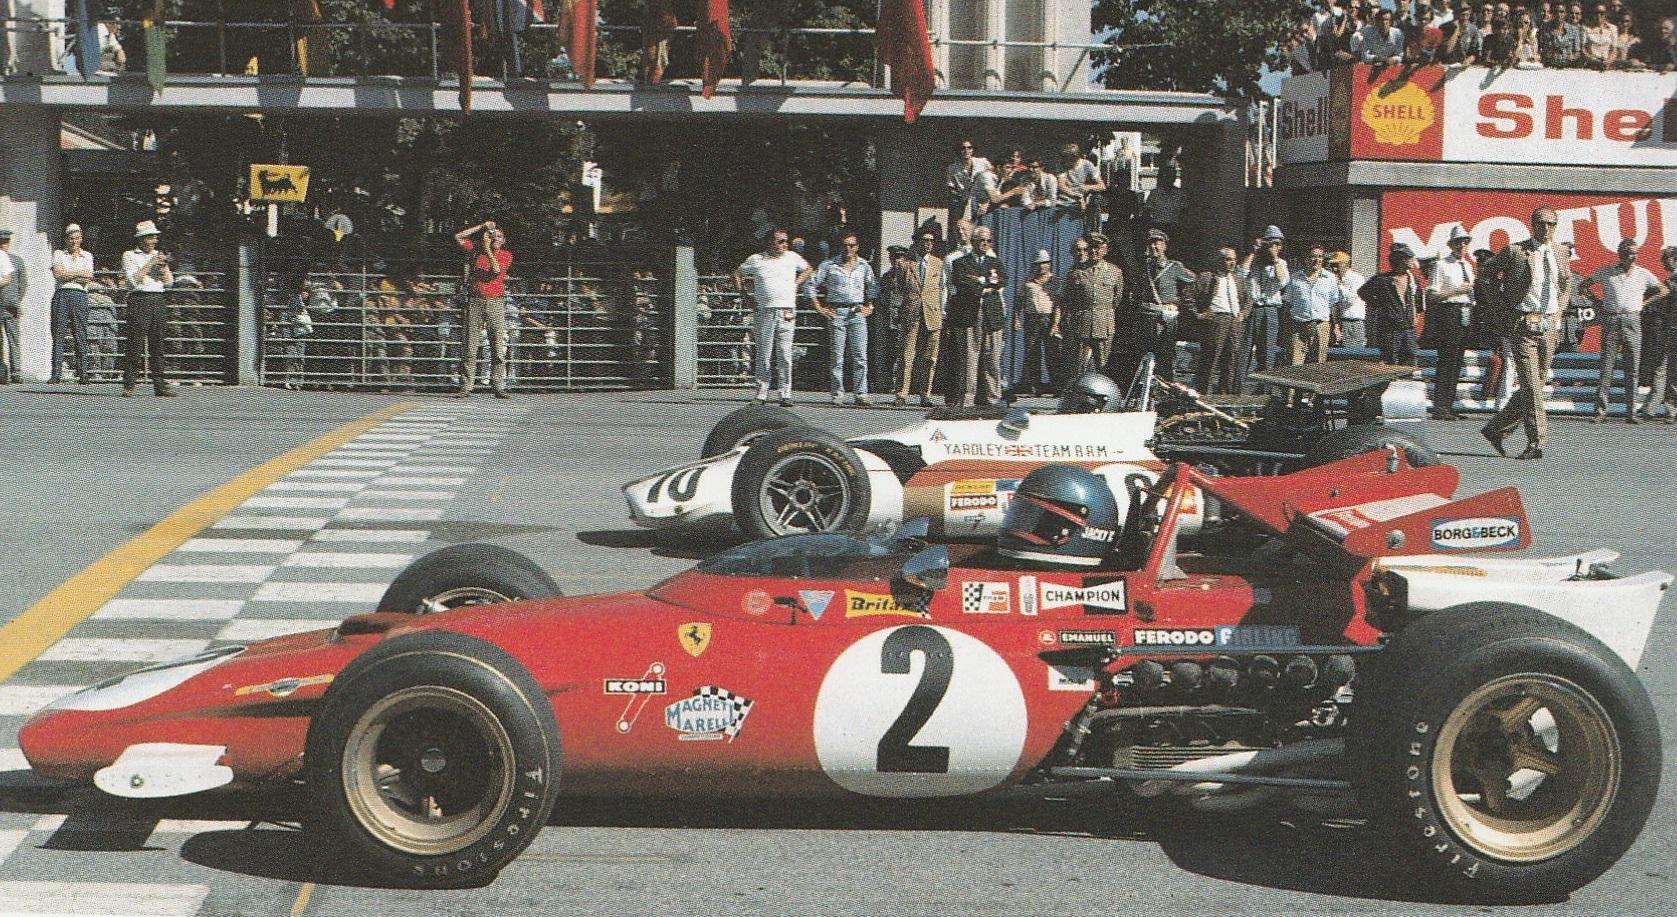 Imola Race Circuit